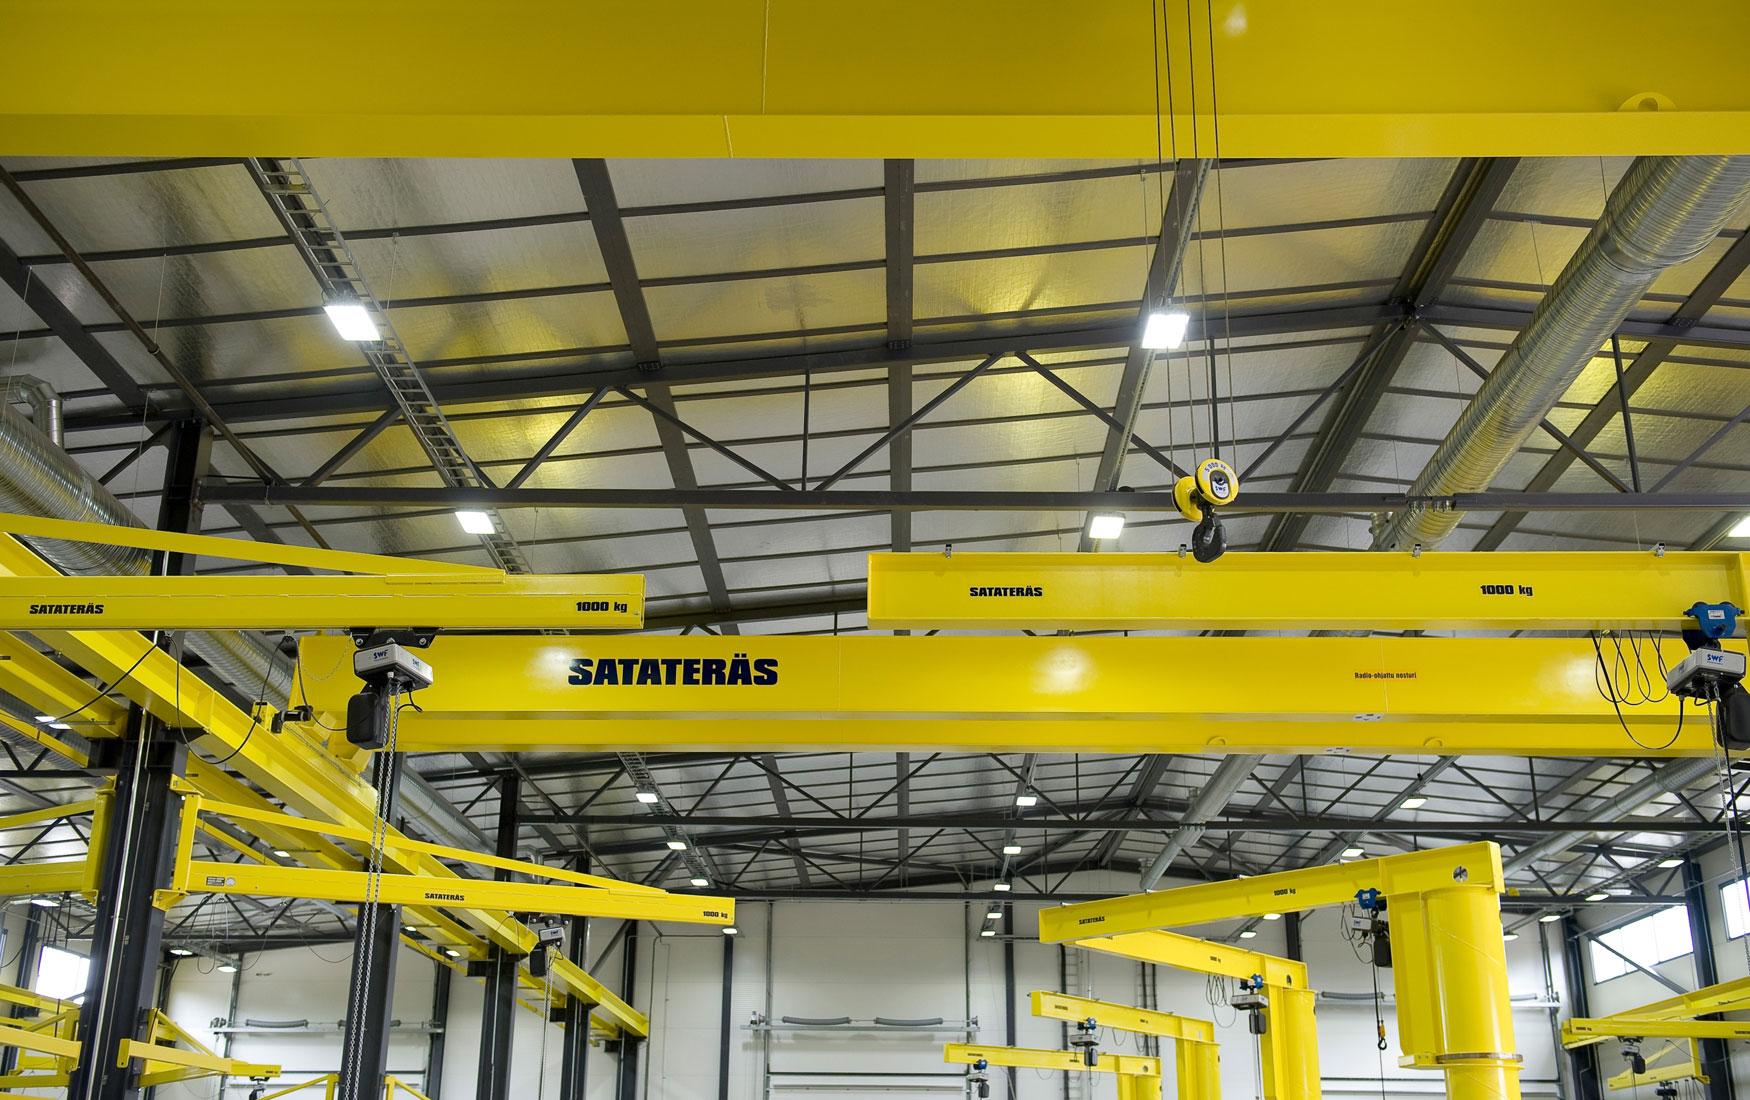 teollisuus-metalliteollisuus-teollisuuden-kaantopuominosturit_satateras-4